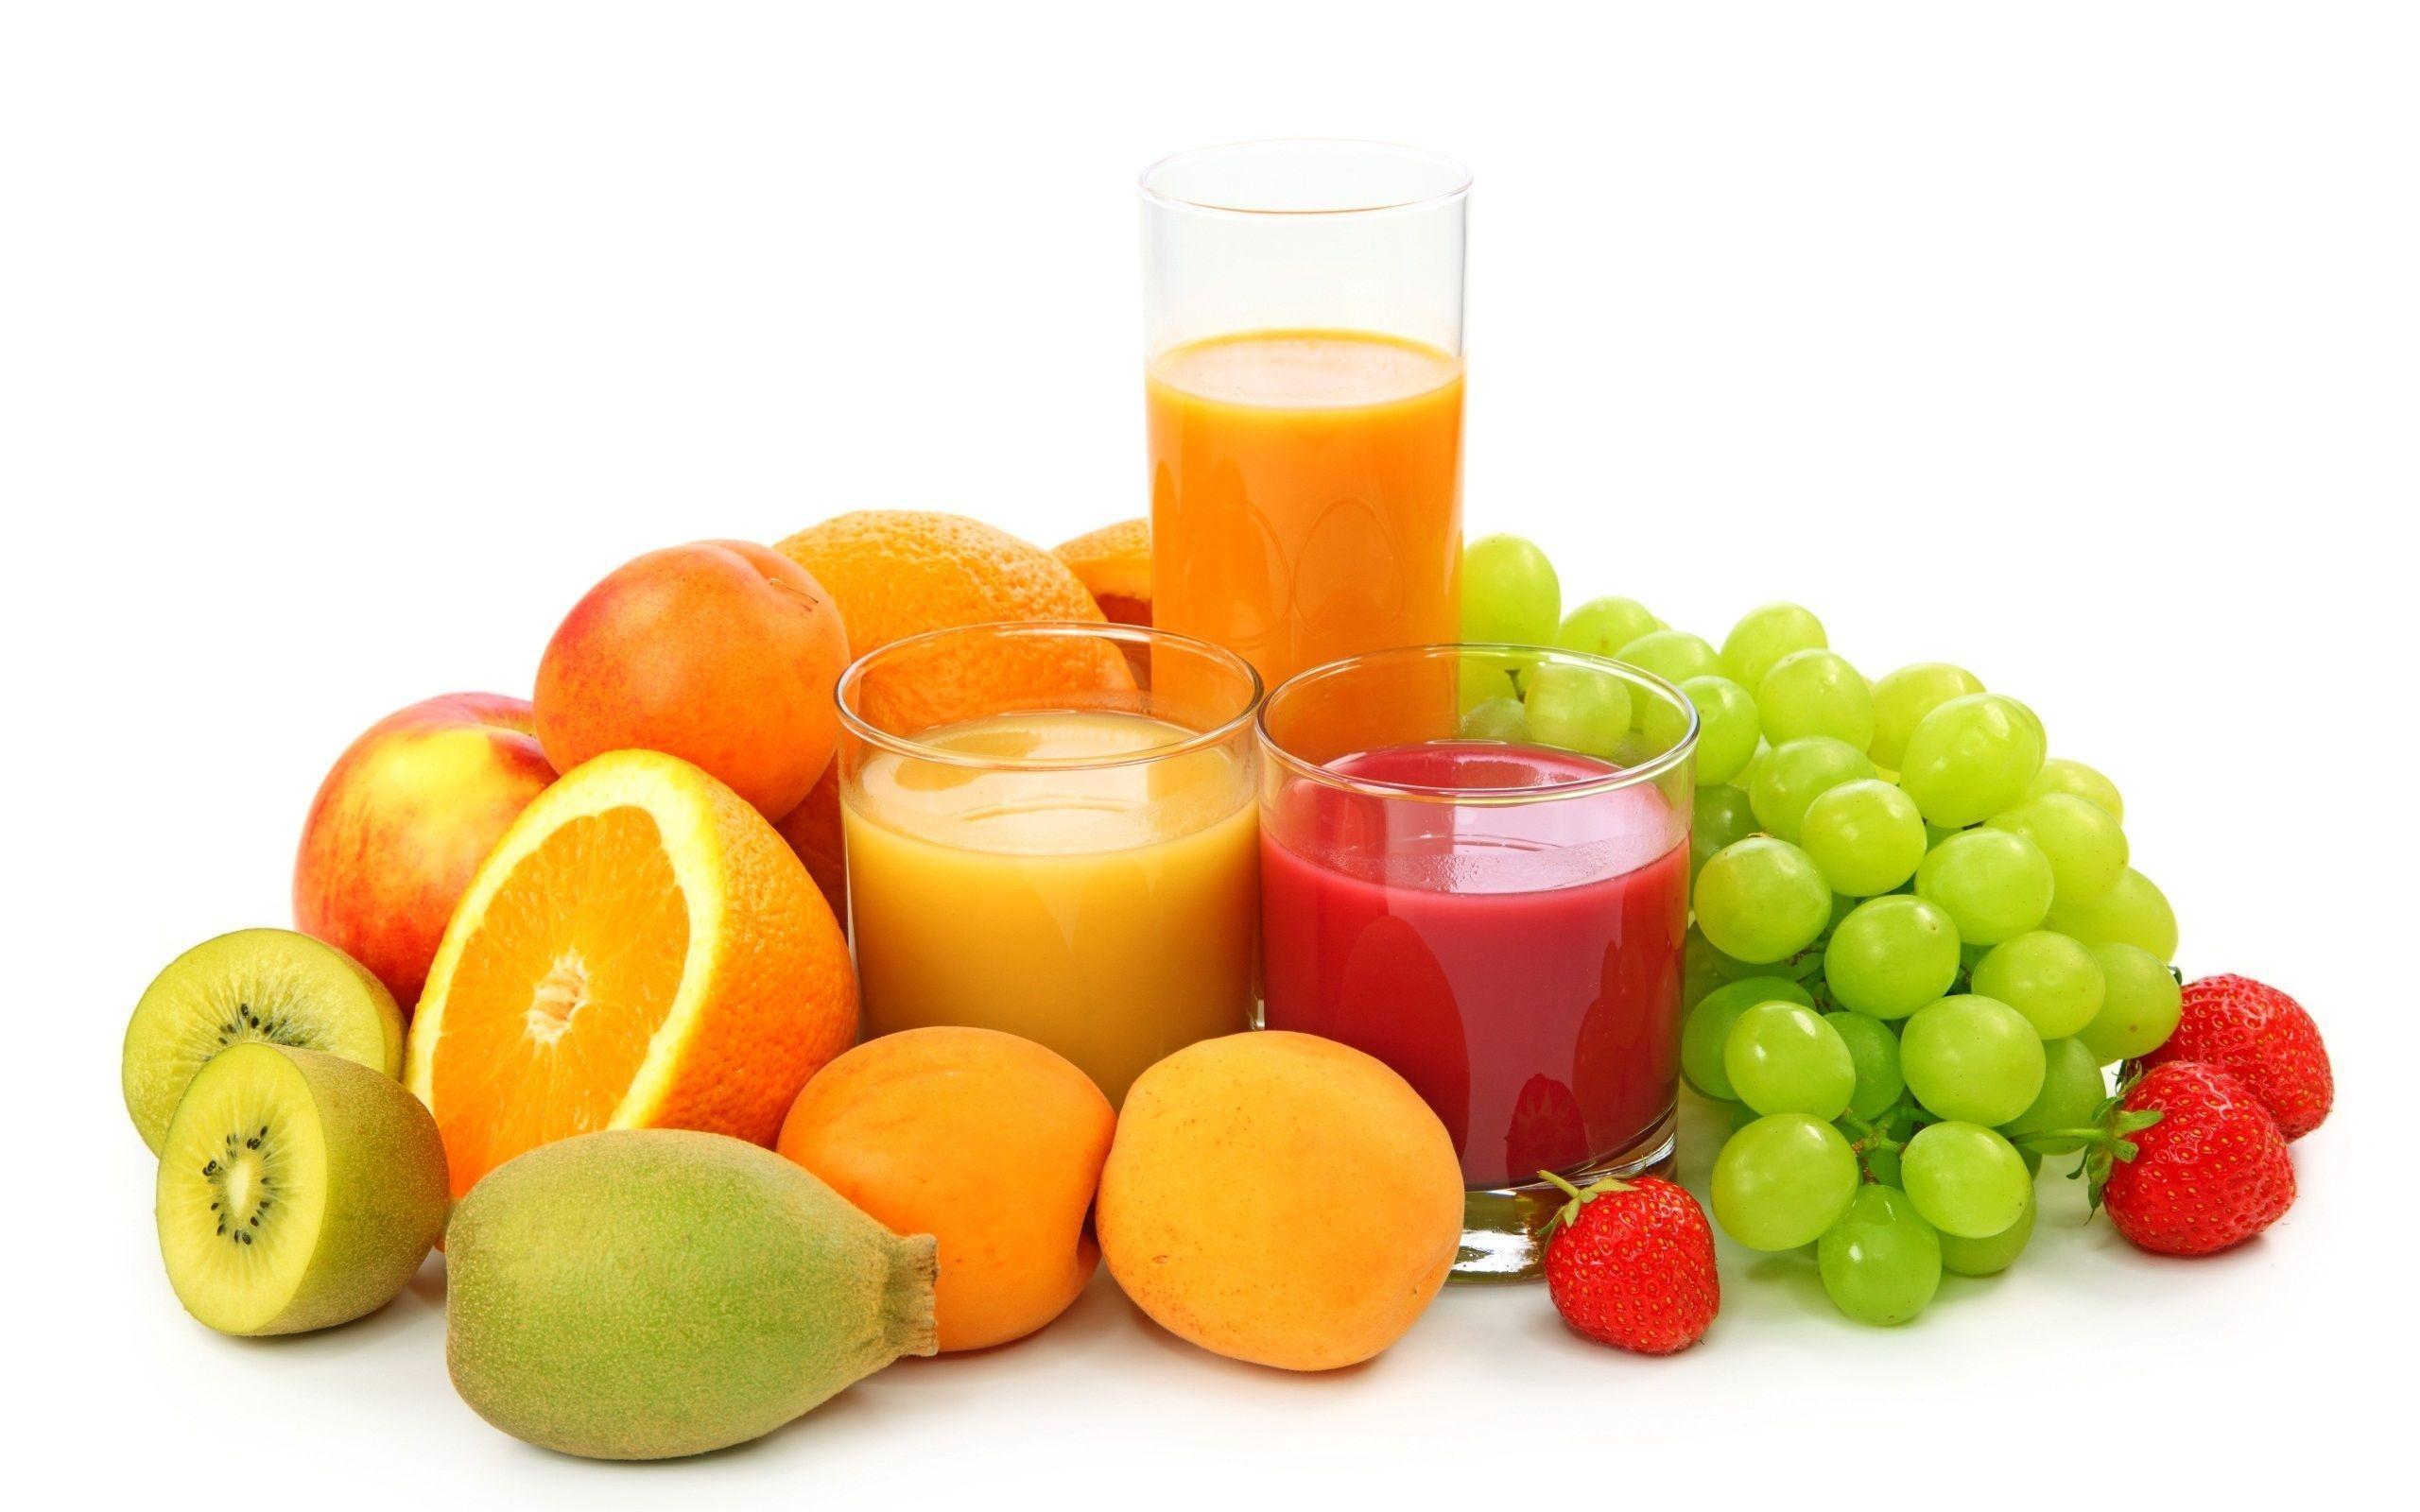 Fresh fruit wallpaper - Fresh Fruit Wallpaper 01 21423 Wallpaper Risewall